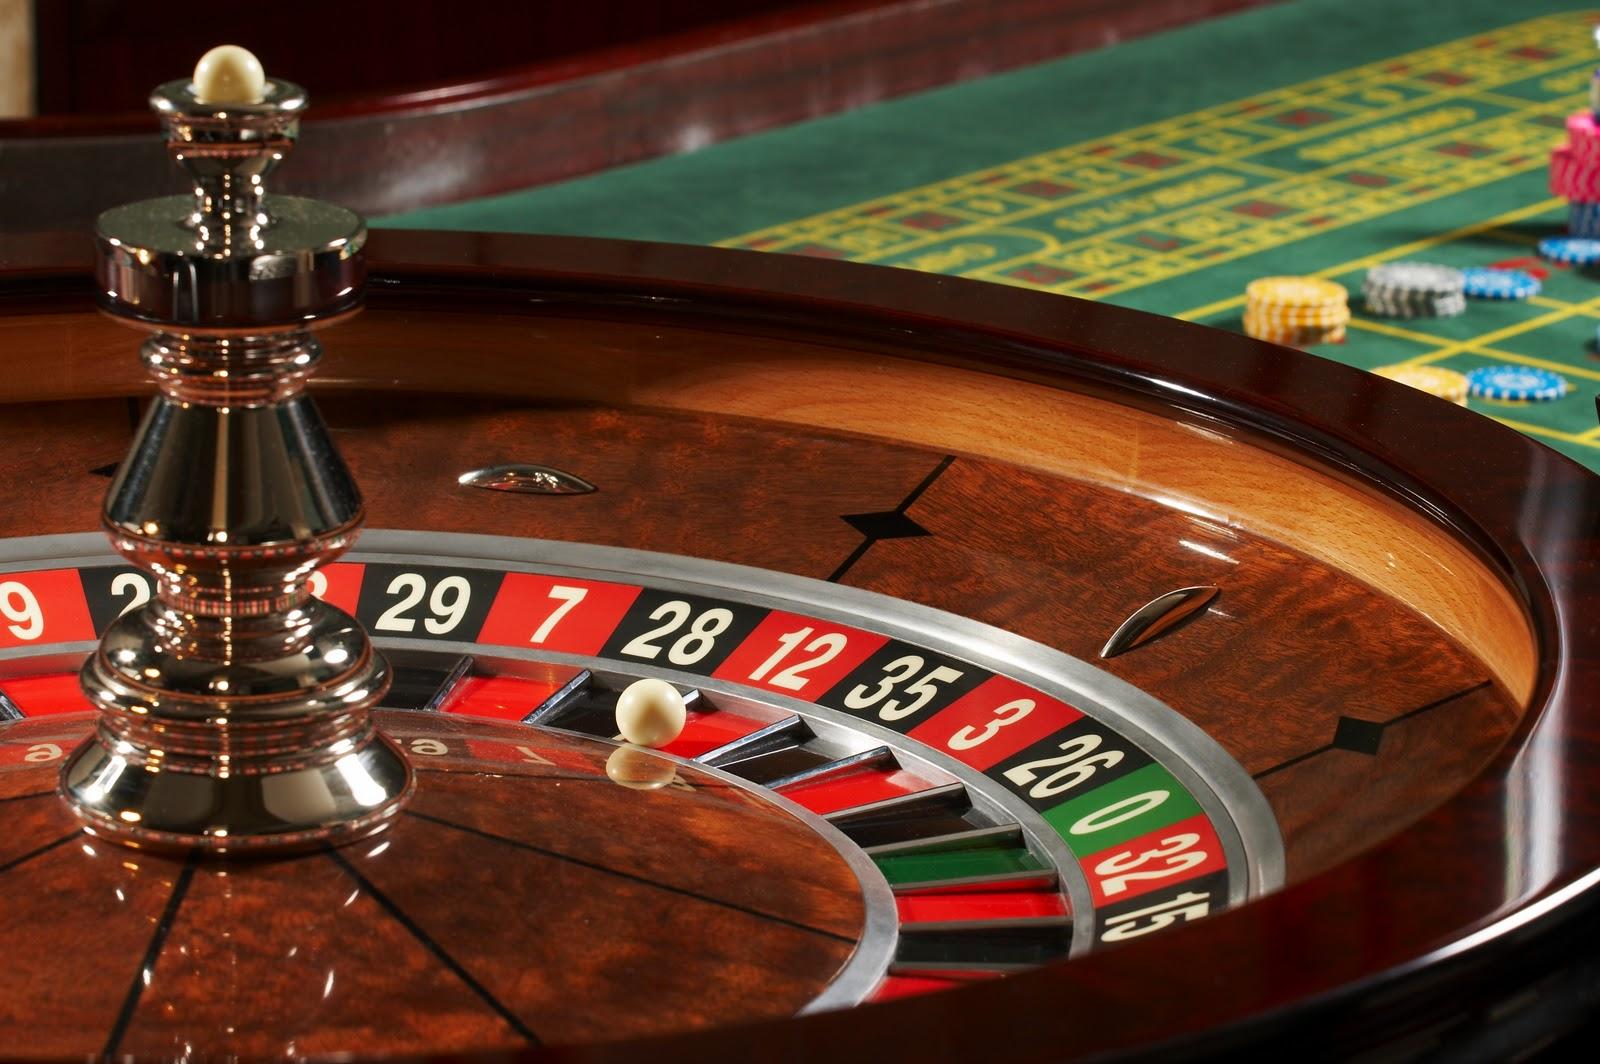 Jeux casino: des espaces lucratifs